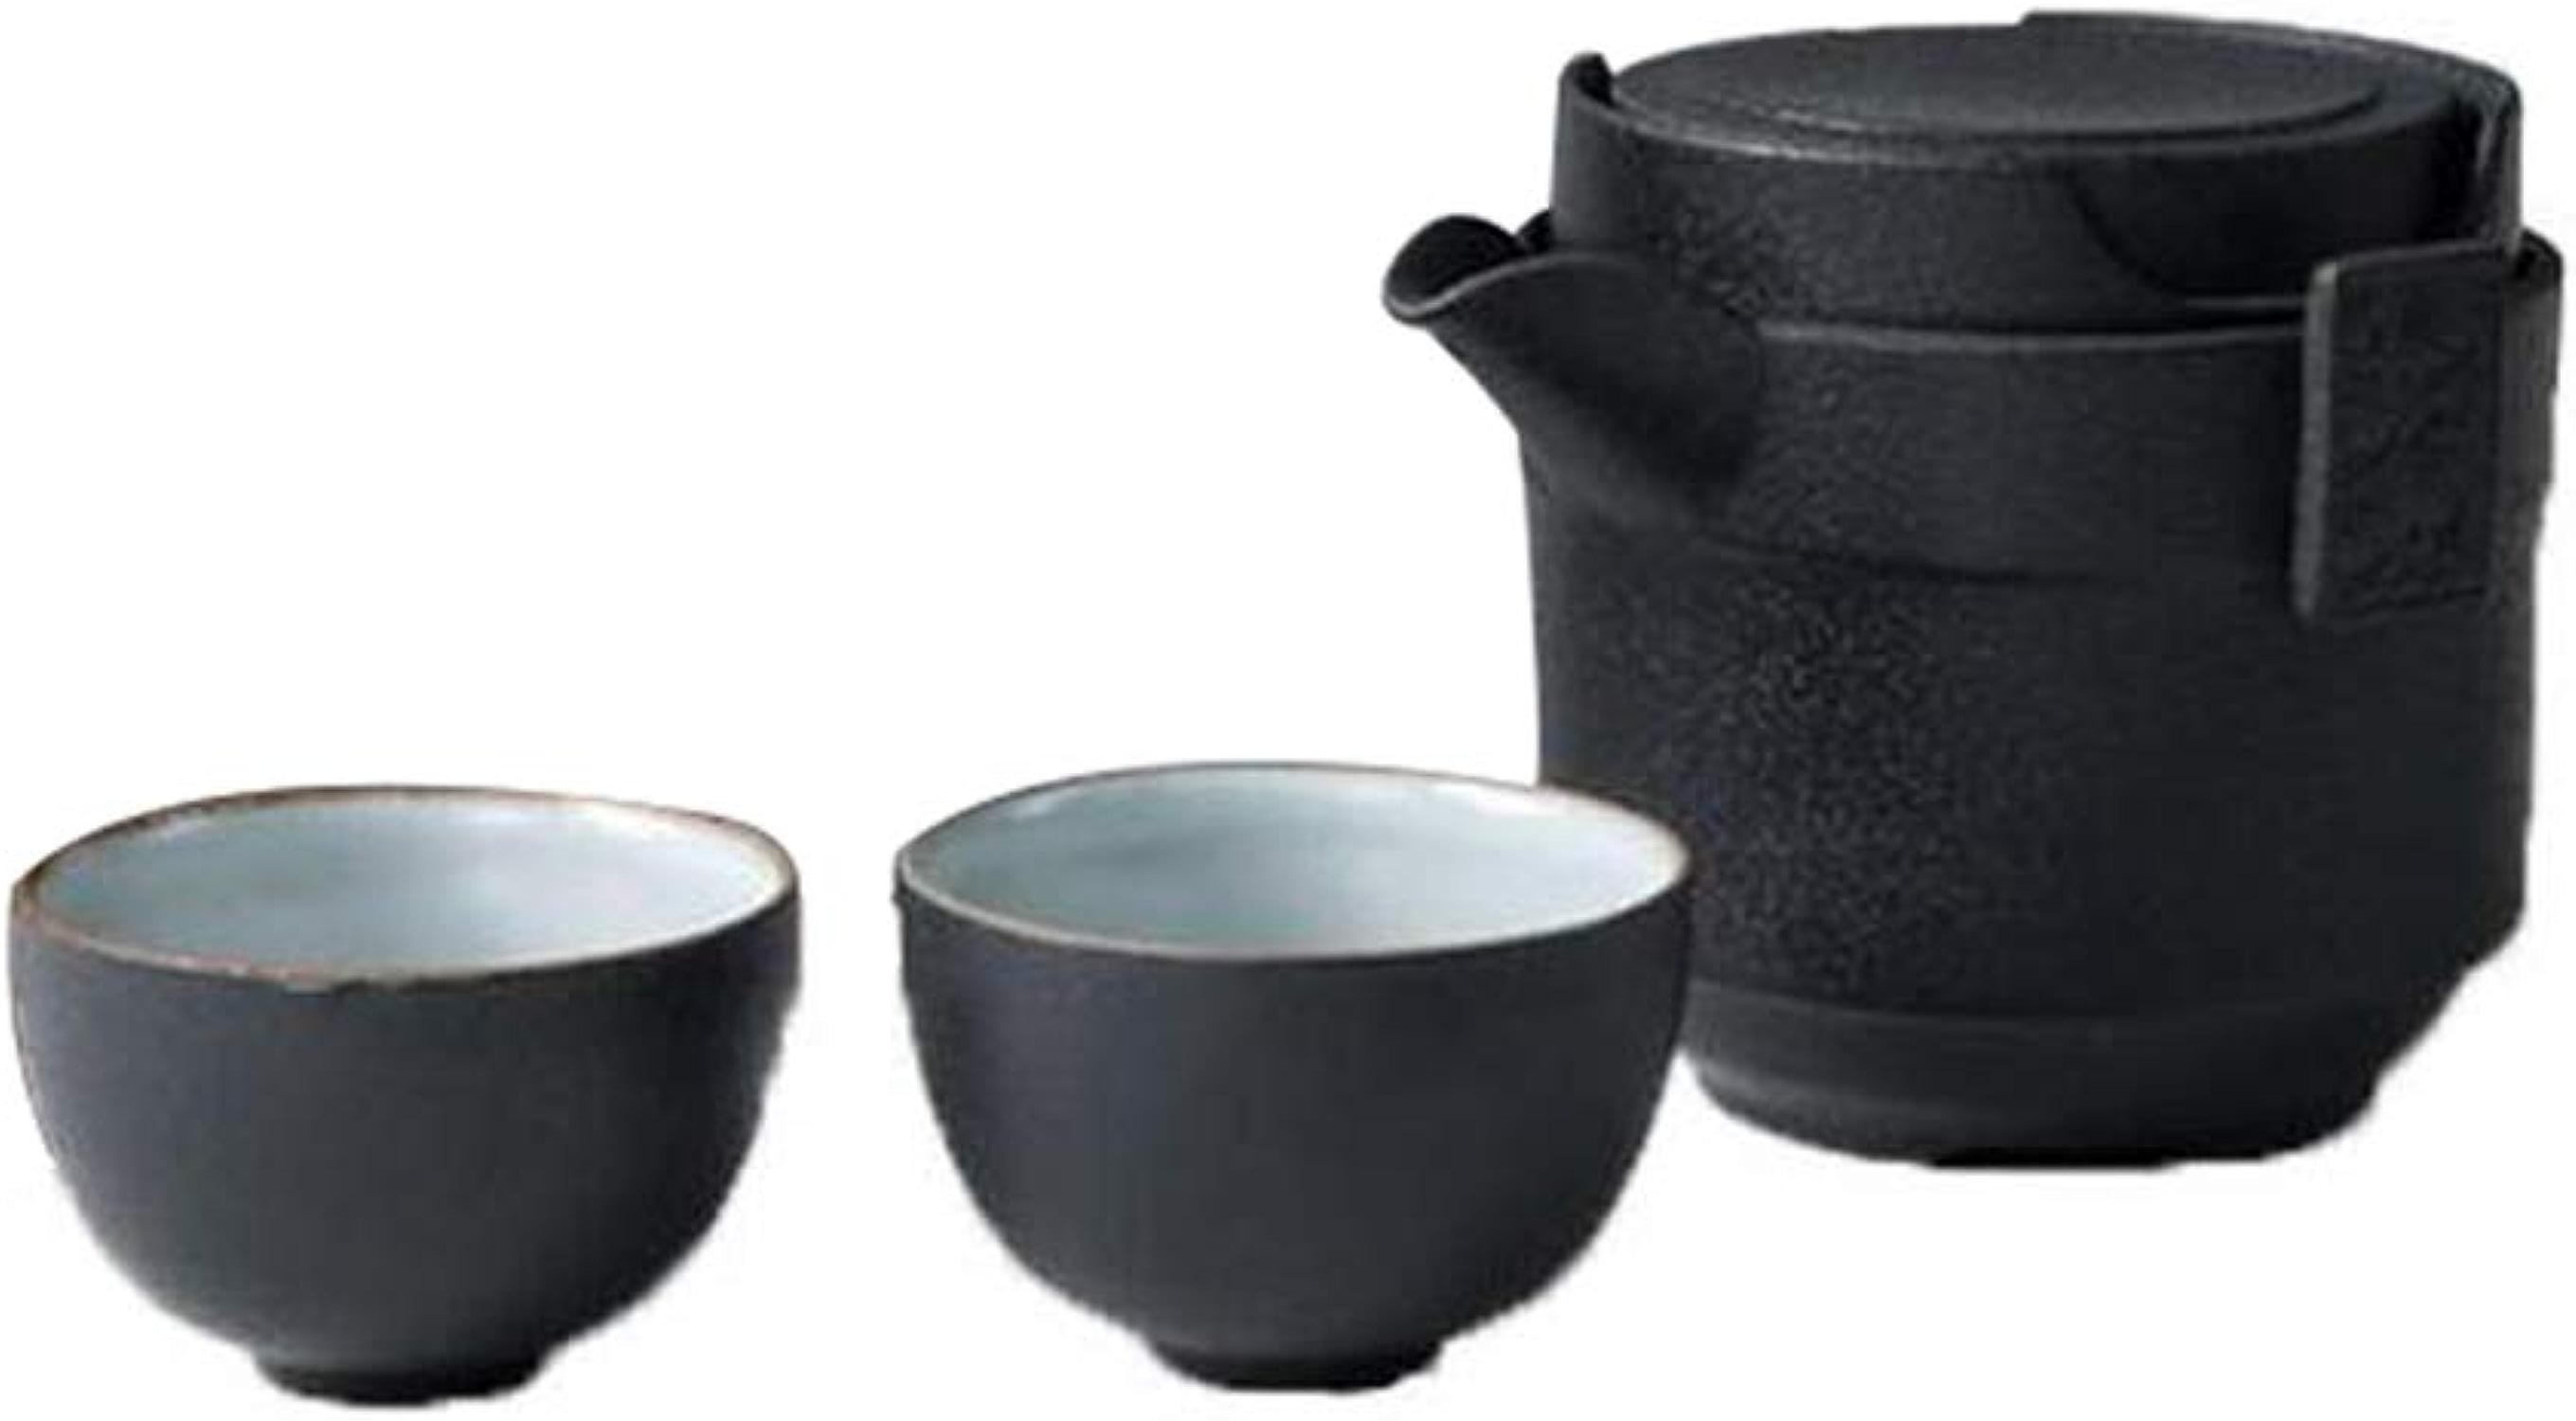 Wtbew-u Service à Thé En Céramique, 1 Pot, 2 Tasses, De Transport, Noir, Pour Le Bureau Du Ménage